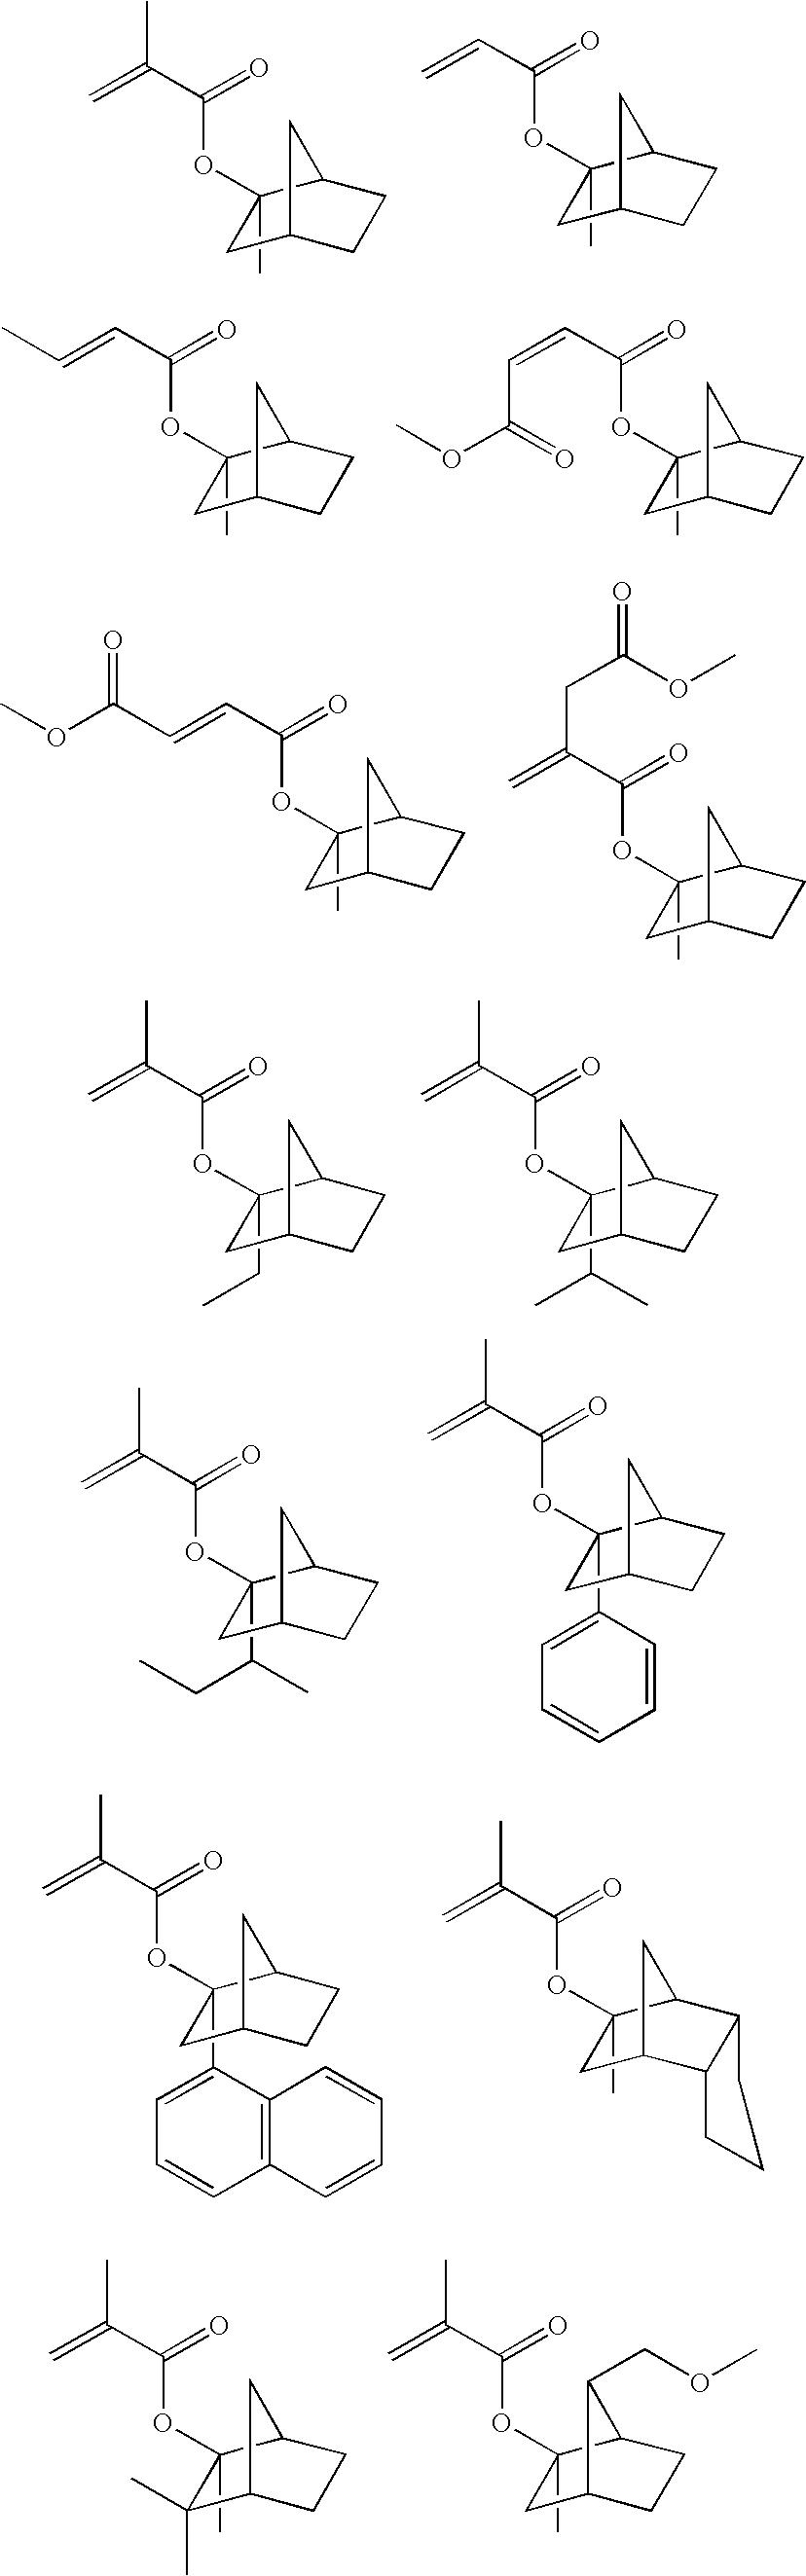 Figure US20100178617A1-20100715-C00023